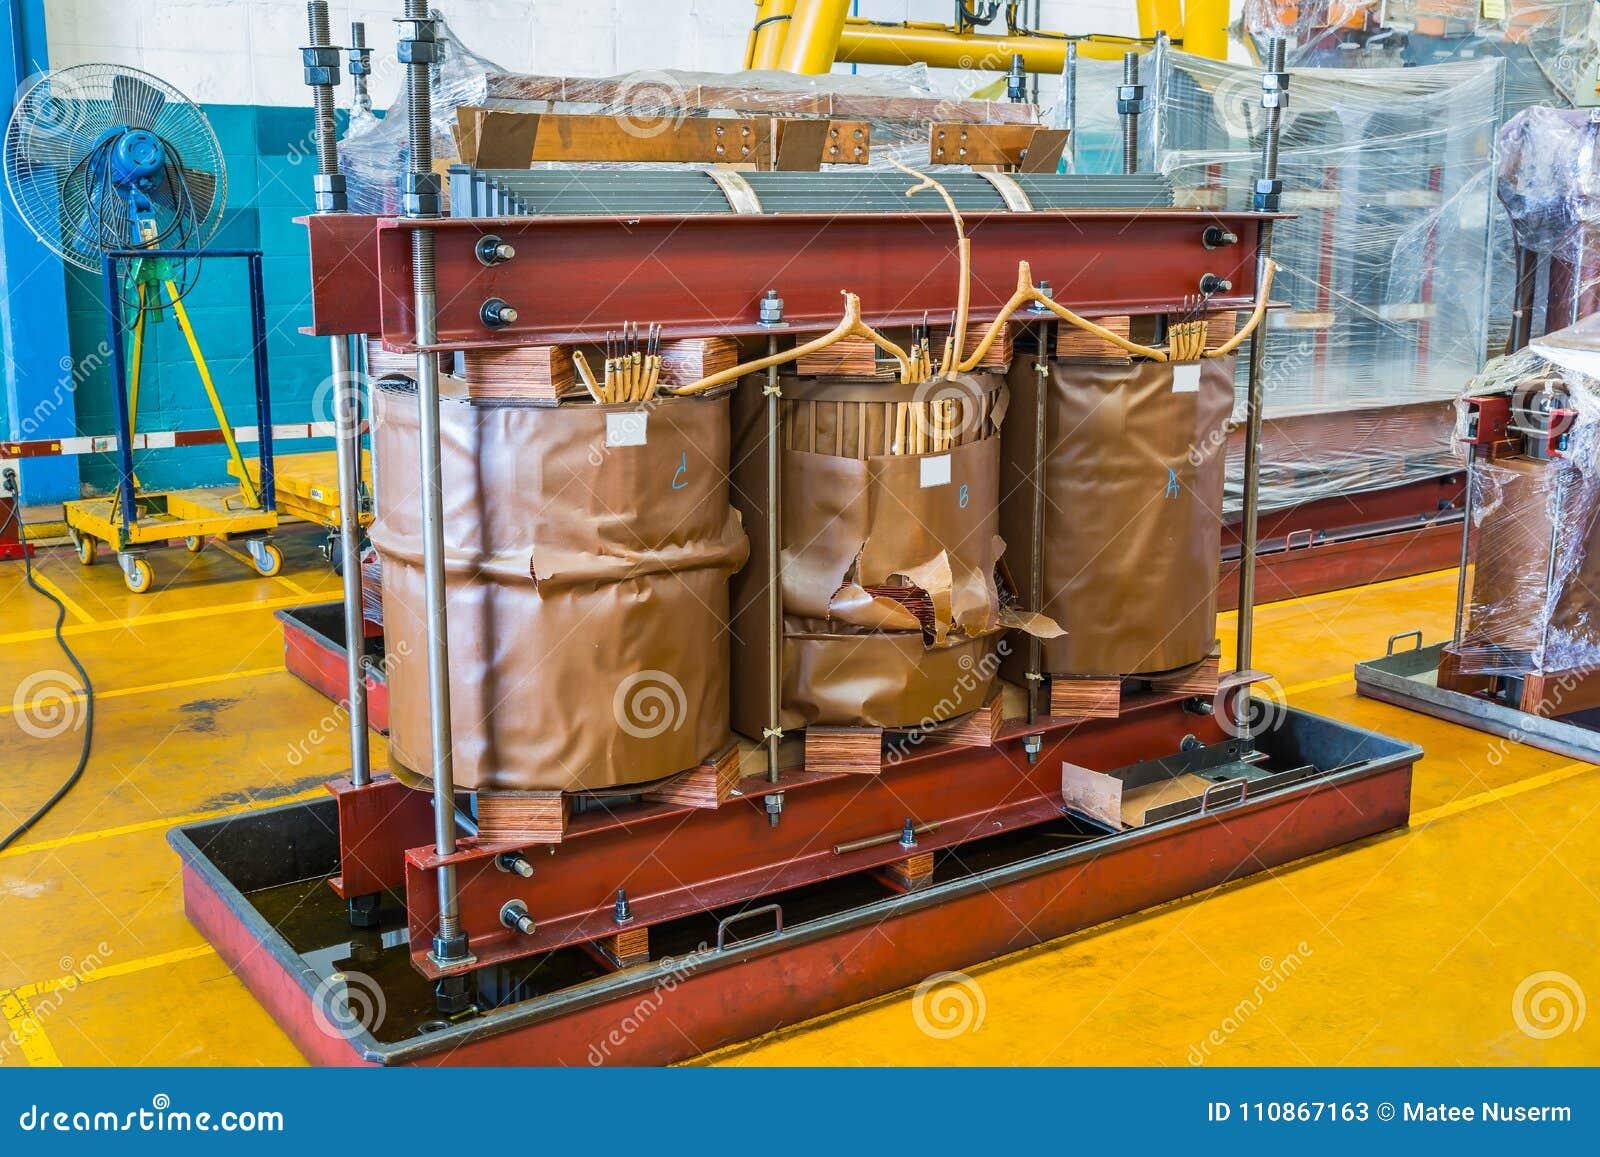 Damage Three Phase Transformer Stock Image - Image of iron, core